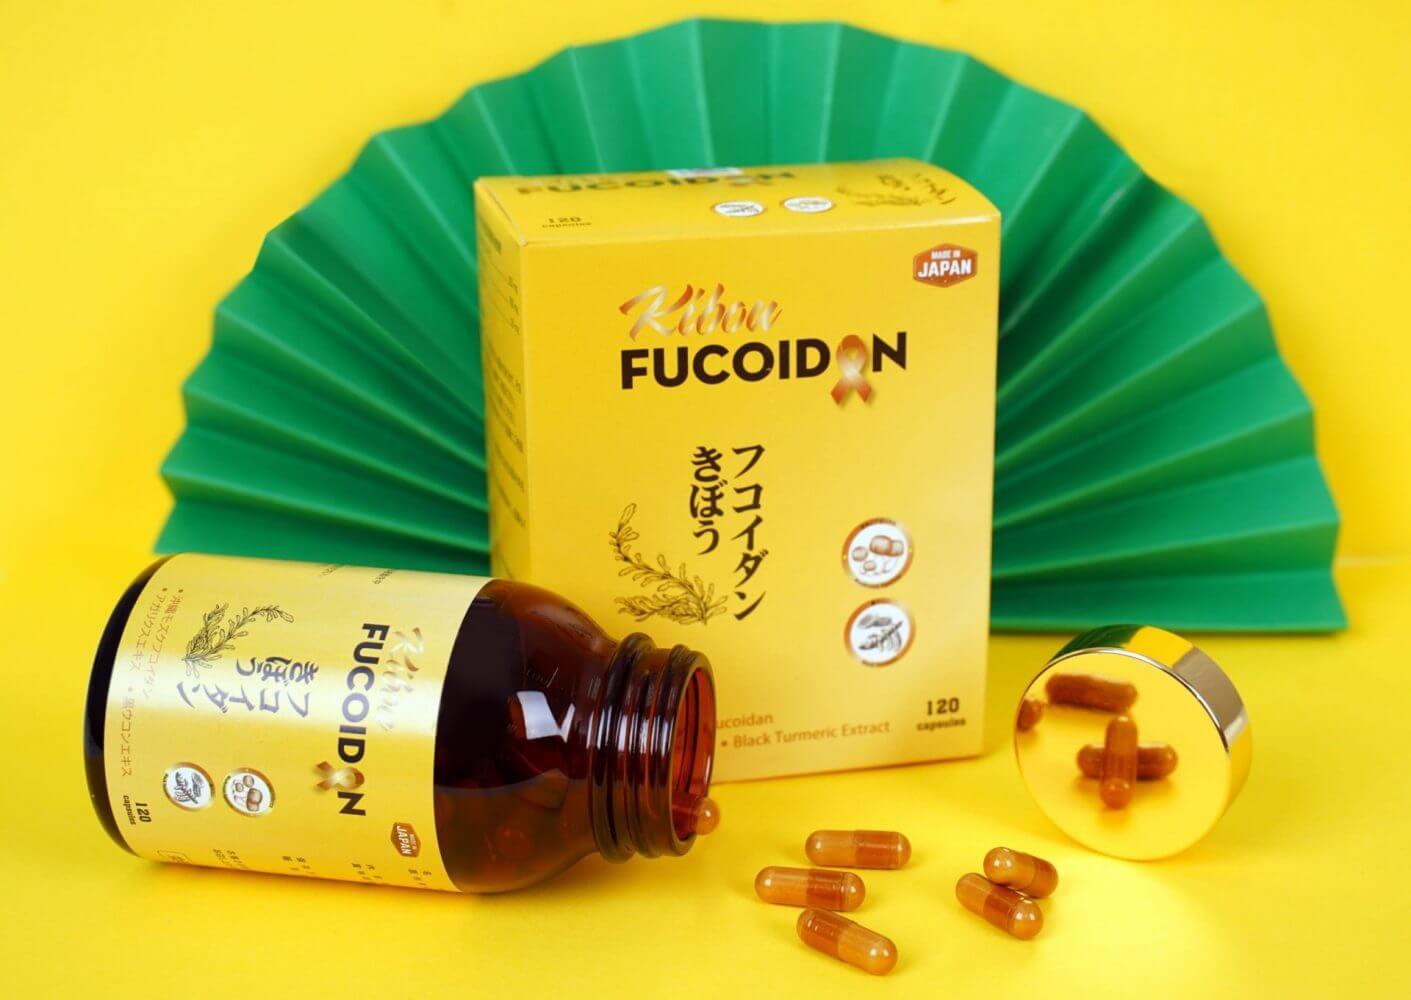 """Kibou Fucoidan - sự kết hợp lần đầu tiên giữa """"bộ 3 chống ung thư"""": Fucoidan, Nghệ đen và Nấm Agaricus"""